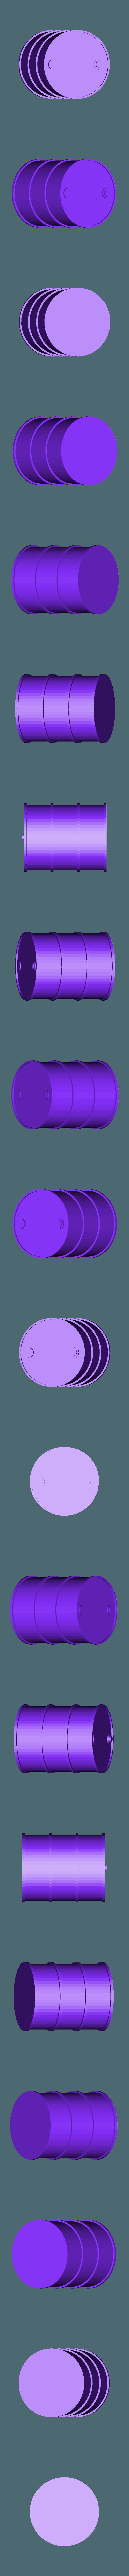 basic_barrel.stl Télécharger fichier STL gratuit Véhicule utilitaire à fourmis à plat pour la fabrication de wargames ou de mdel de science-fiction de 28 mm • Modèle pour imprimante 3D, redstarkits